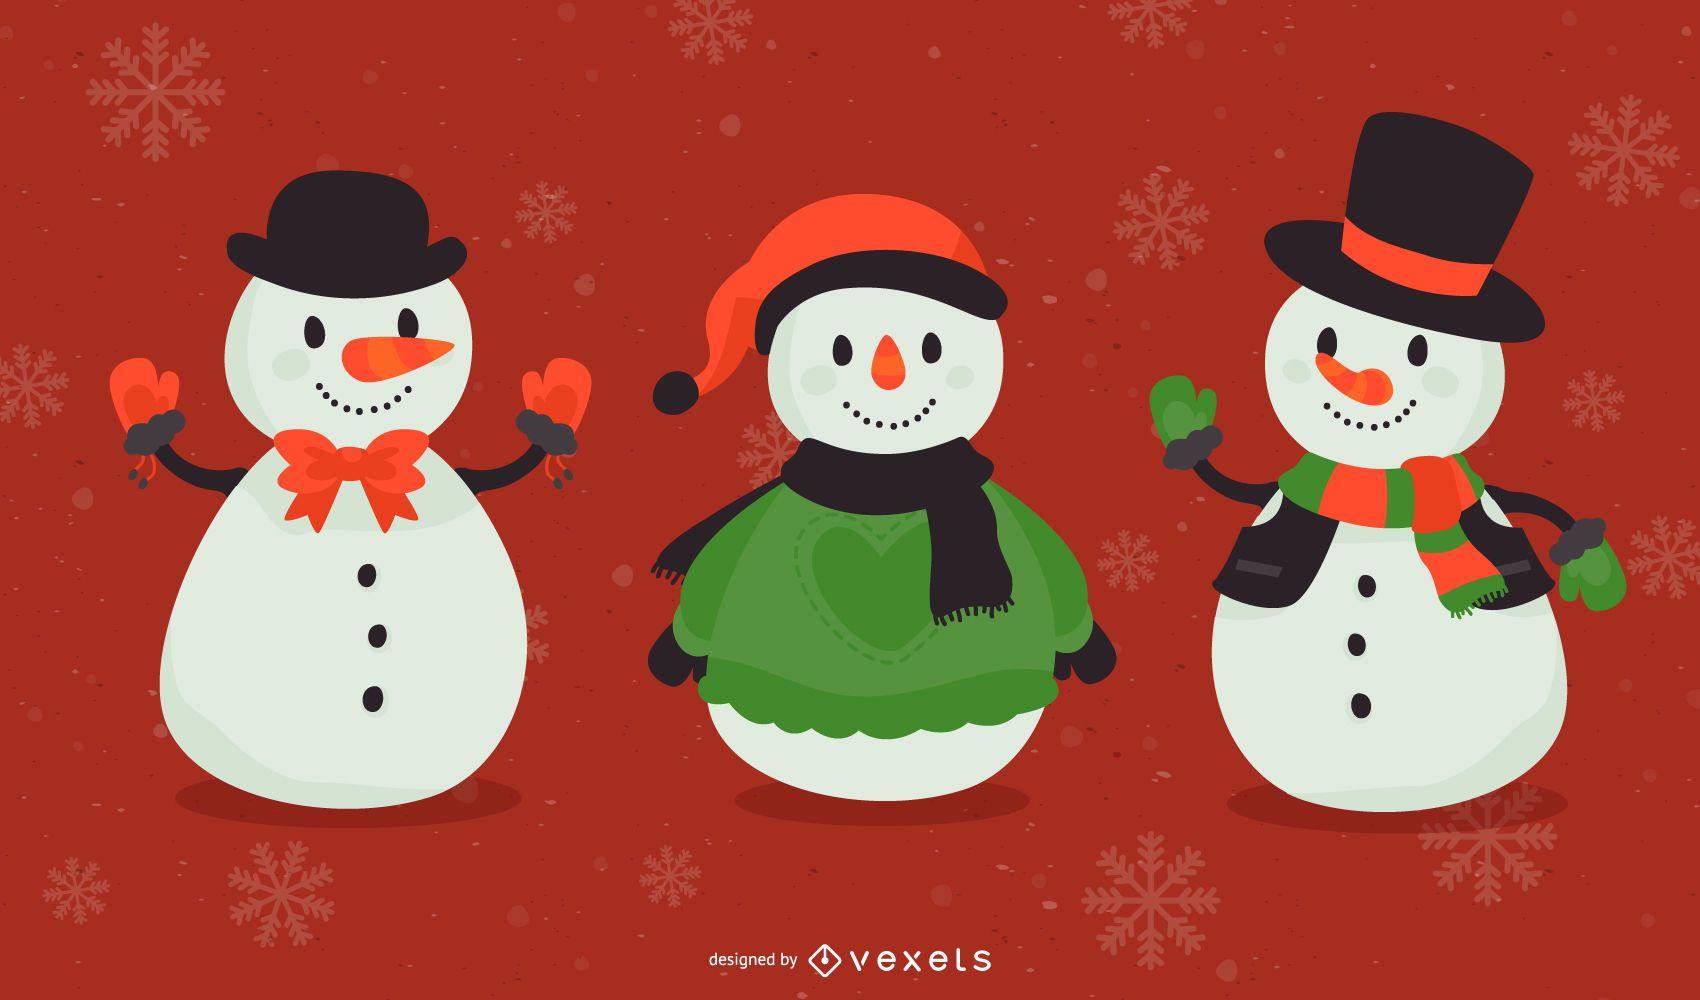 Vectores de muñeco de nieve escarchado